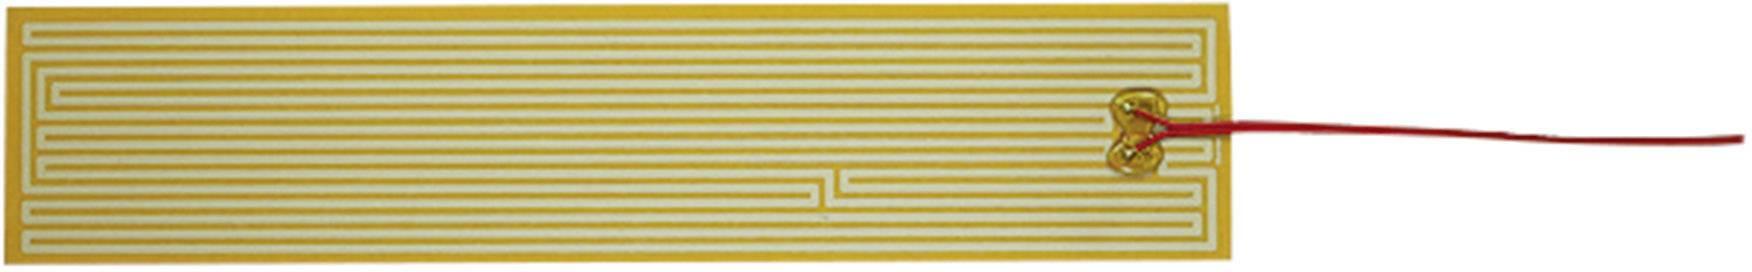 Tepelná fólia samolepiaci Thermo 2115336, 12 V/DC, 12 V/AC 8 W Spôsob ochrany IPX4, (d x š) 400 mm x 85 mm